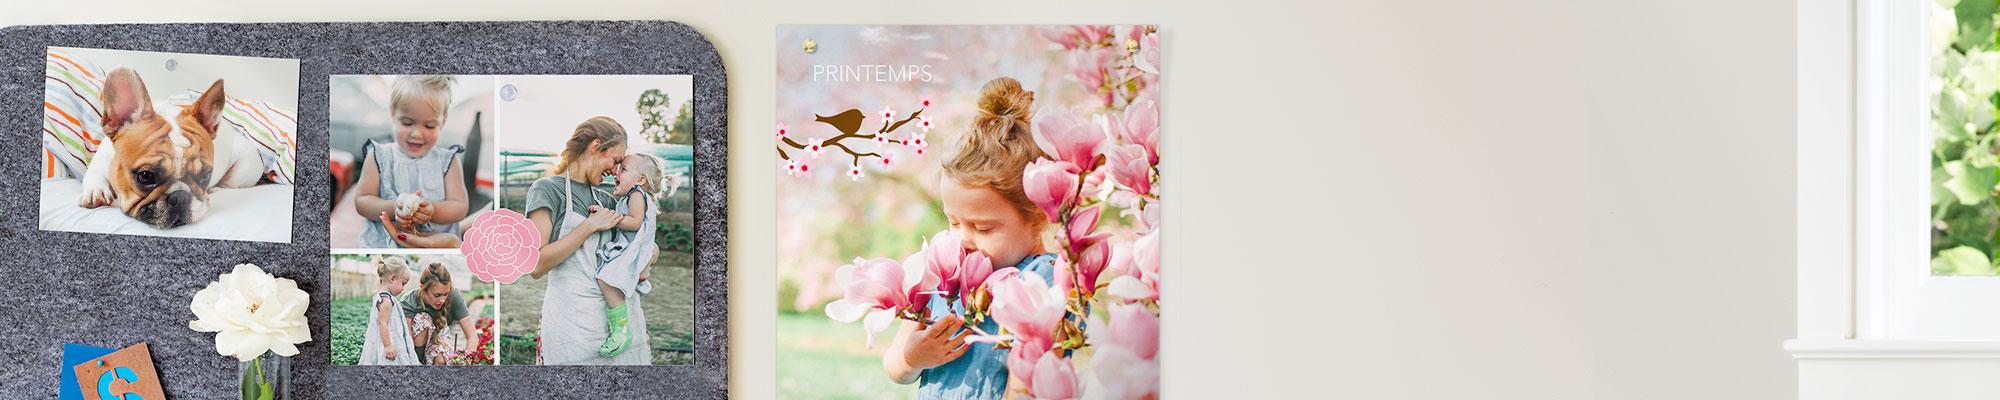 Tirages Photo  Conservez les plus beaux moments de votre vie. Imprimez les et partagez les.